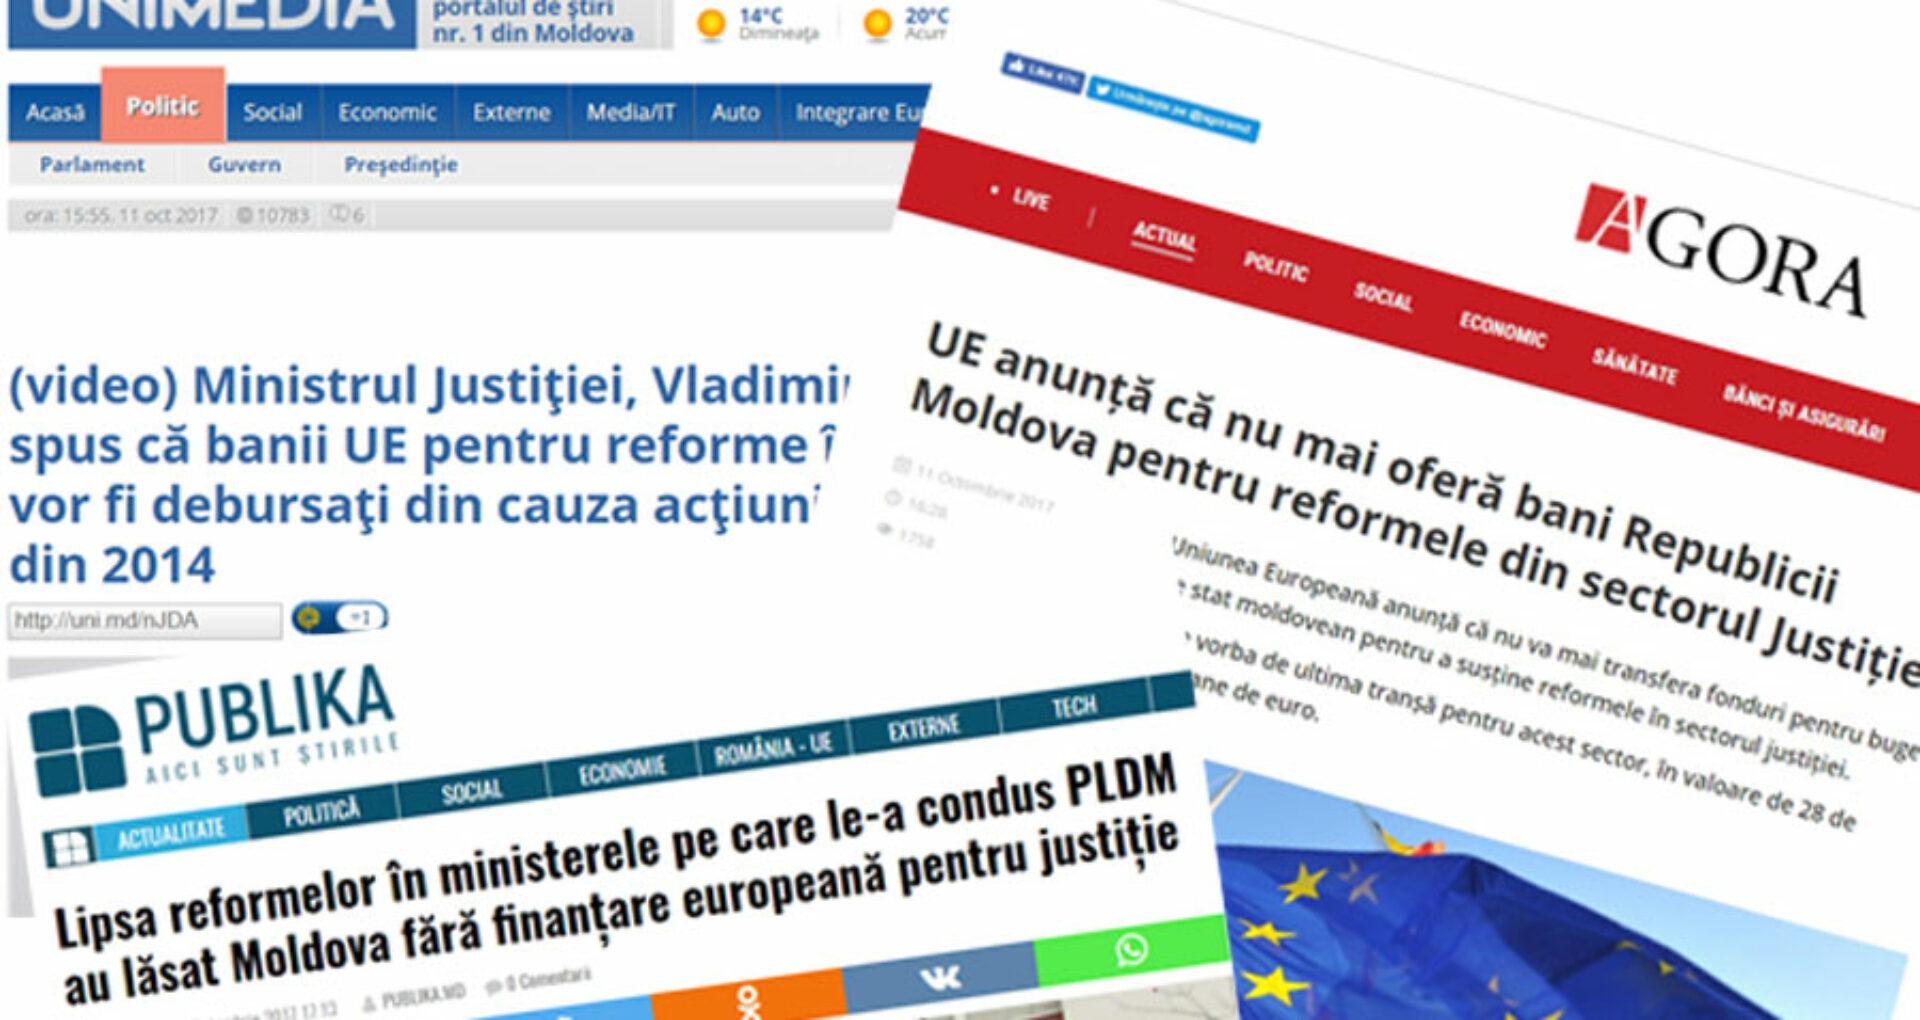 Suspendarea finanţării europene  mediatizată eronat în presă